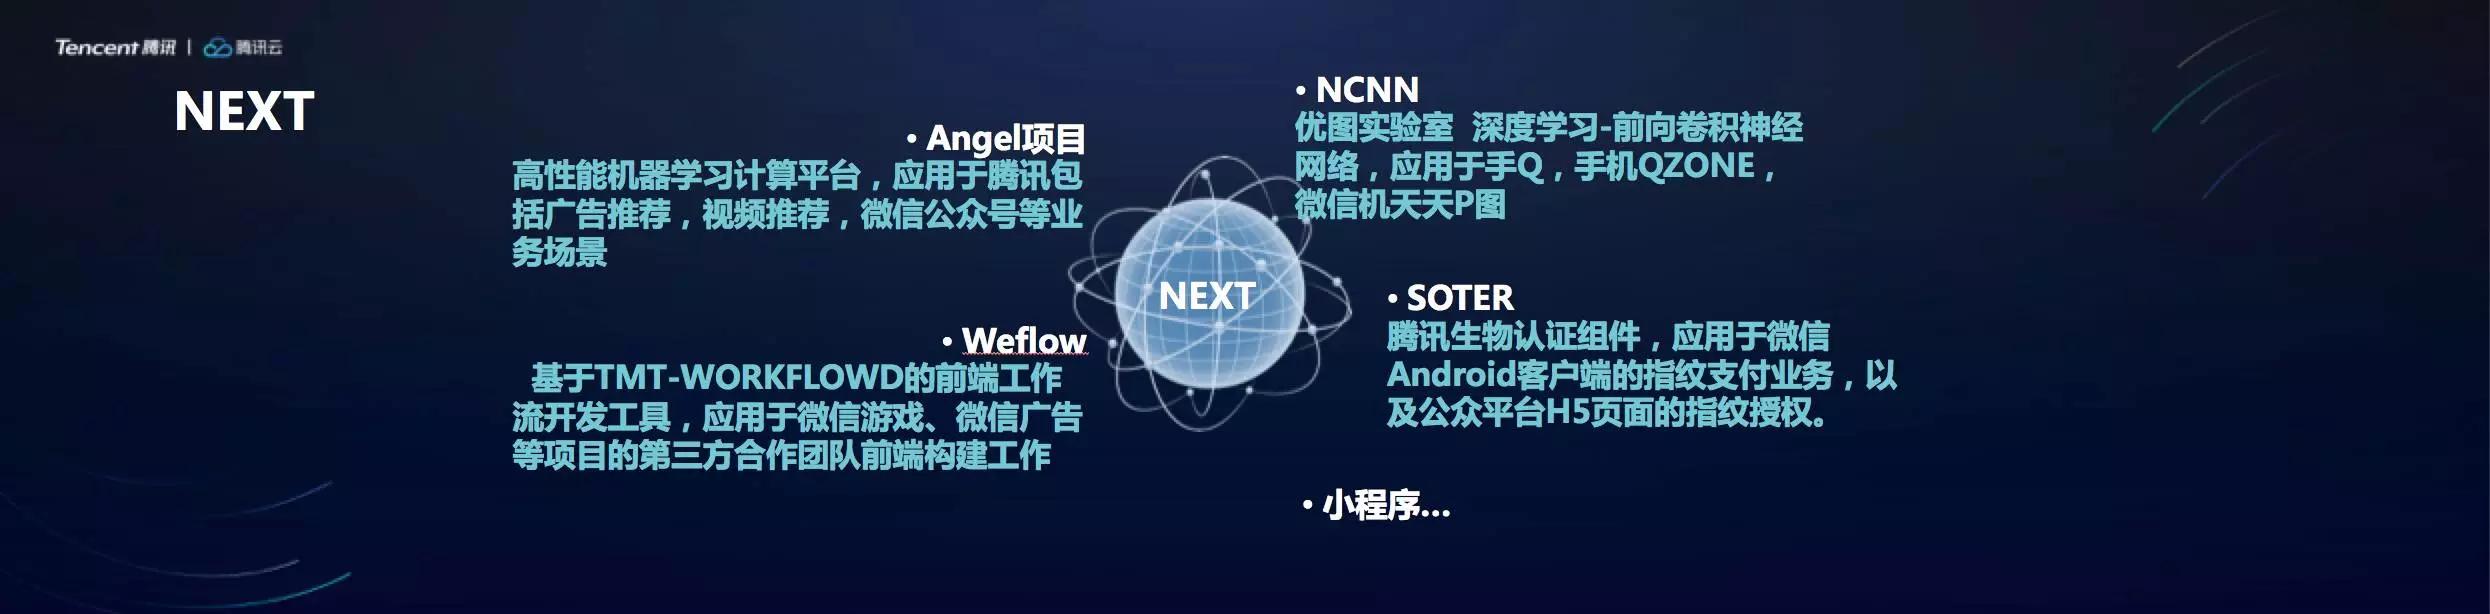 新匍京娱乐场最全网站 8